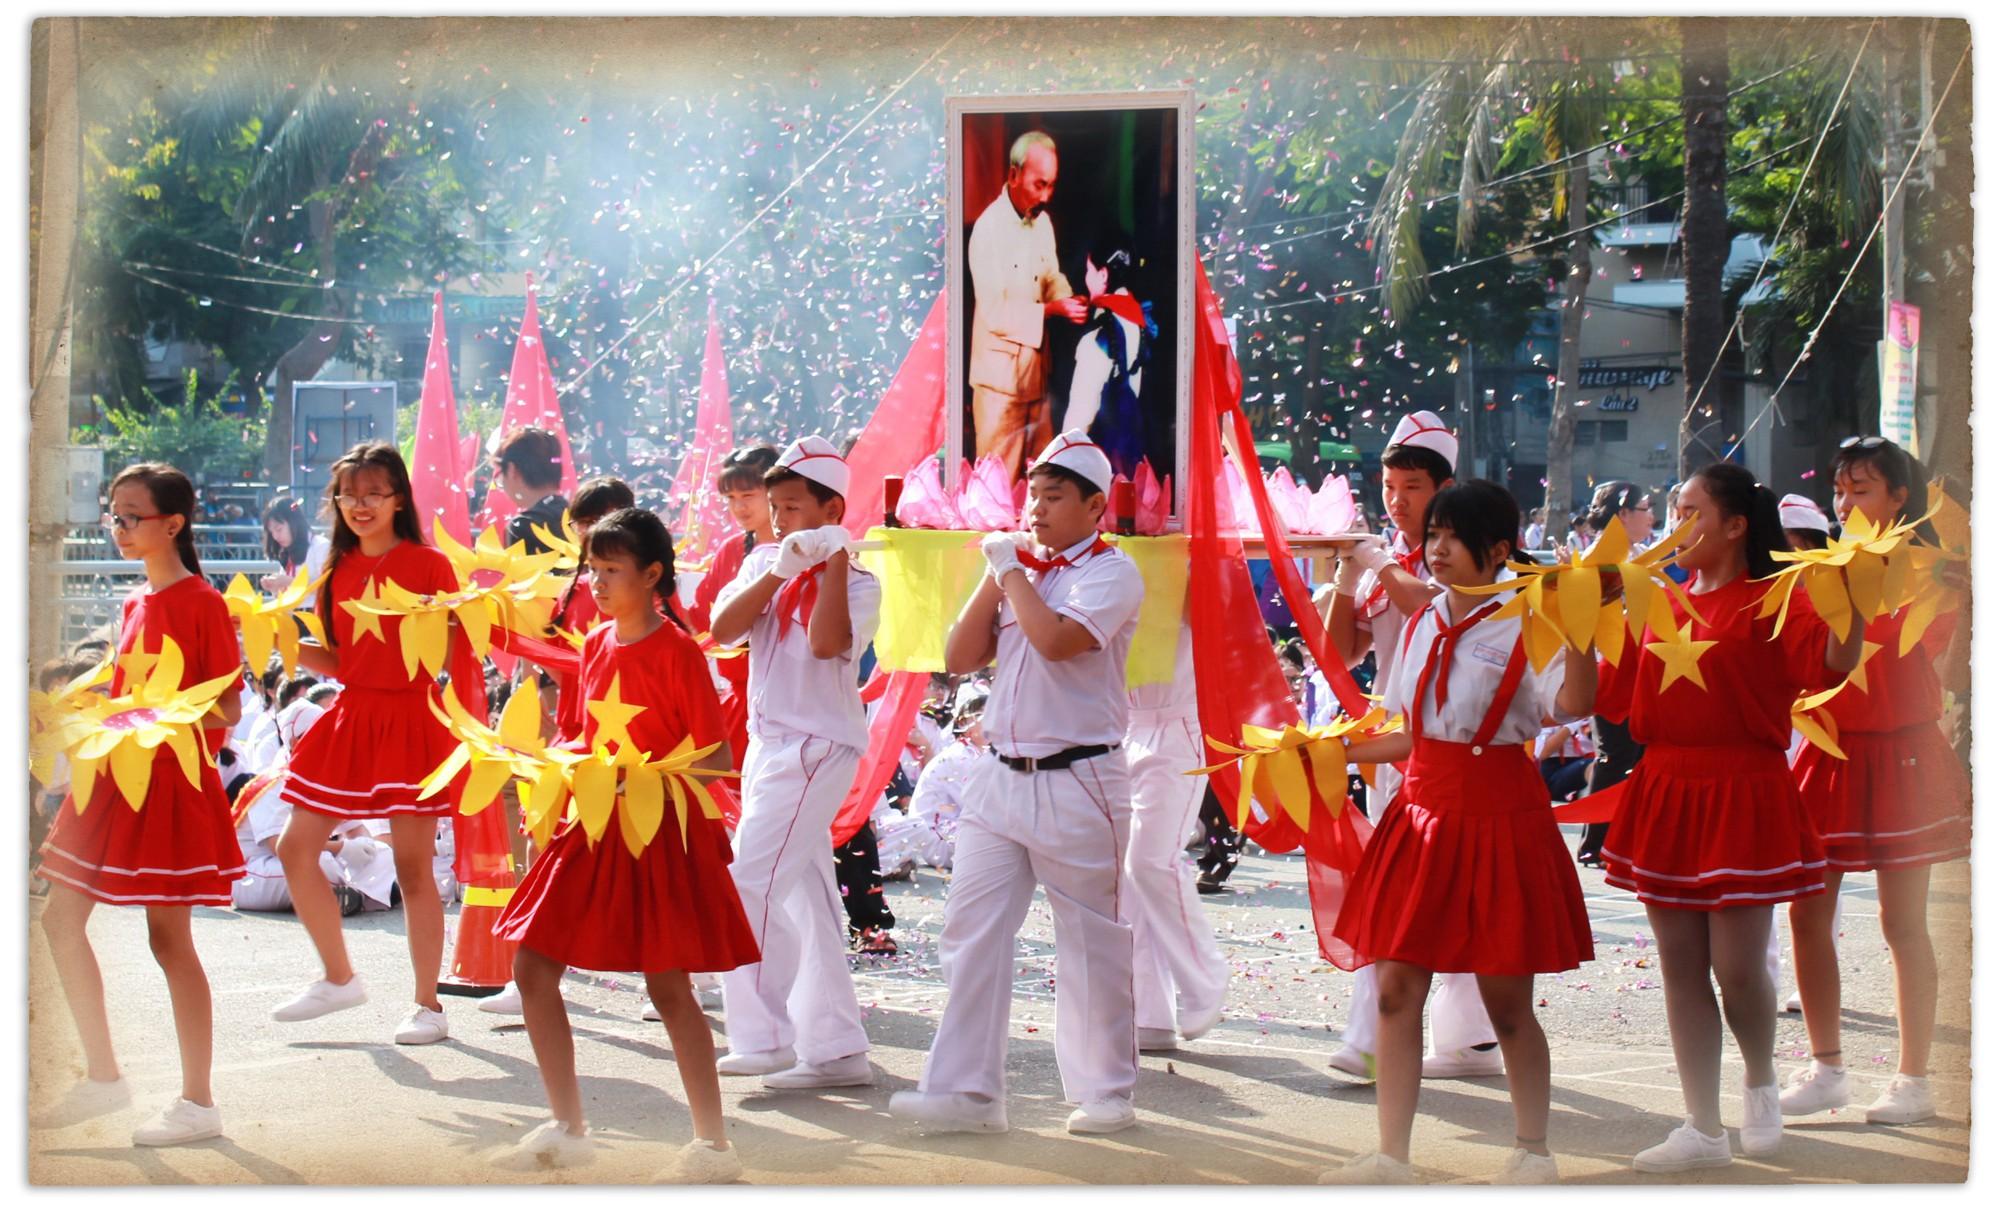 Di chúc của Chủ tịch Hồ Chí Minh: Như ngọn đuốc soi đường cho dân tộc - Ảnh 7.